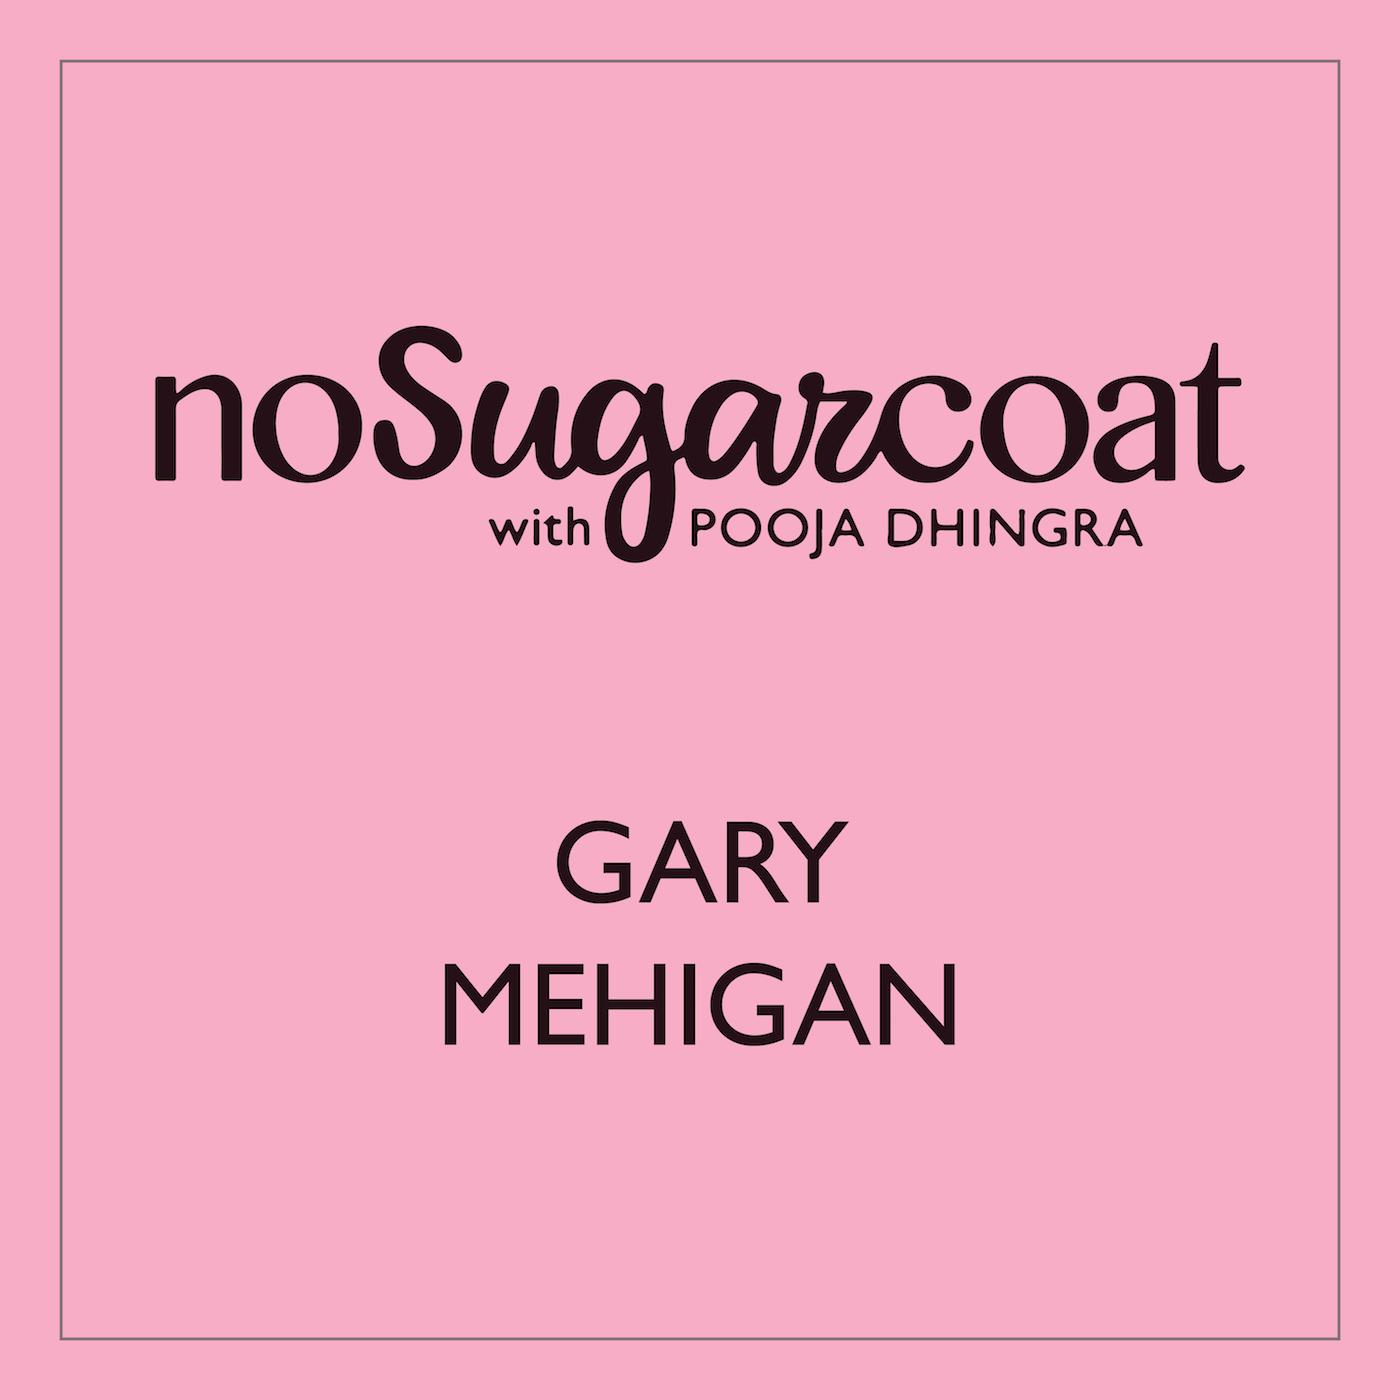 Gary Mehigan